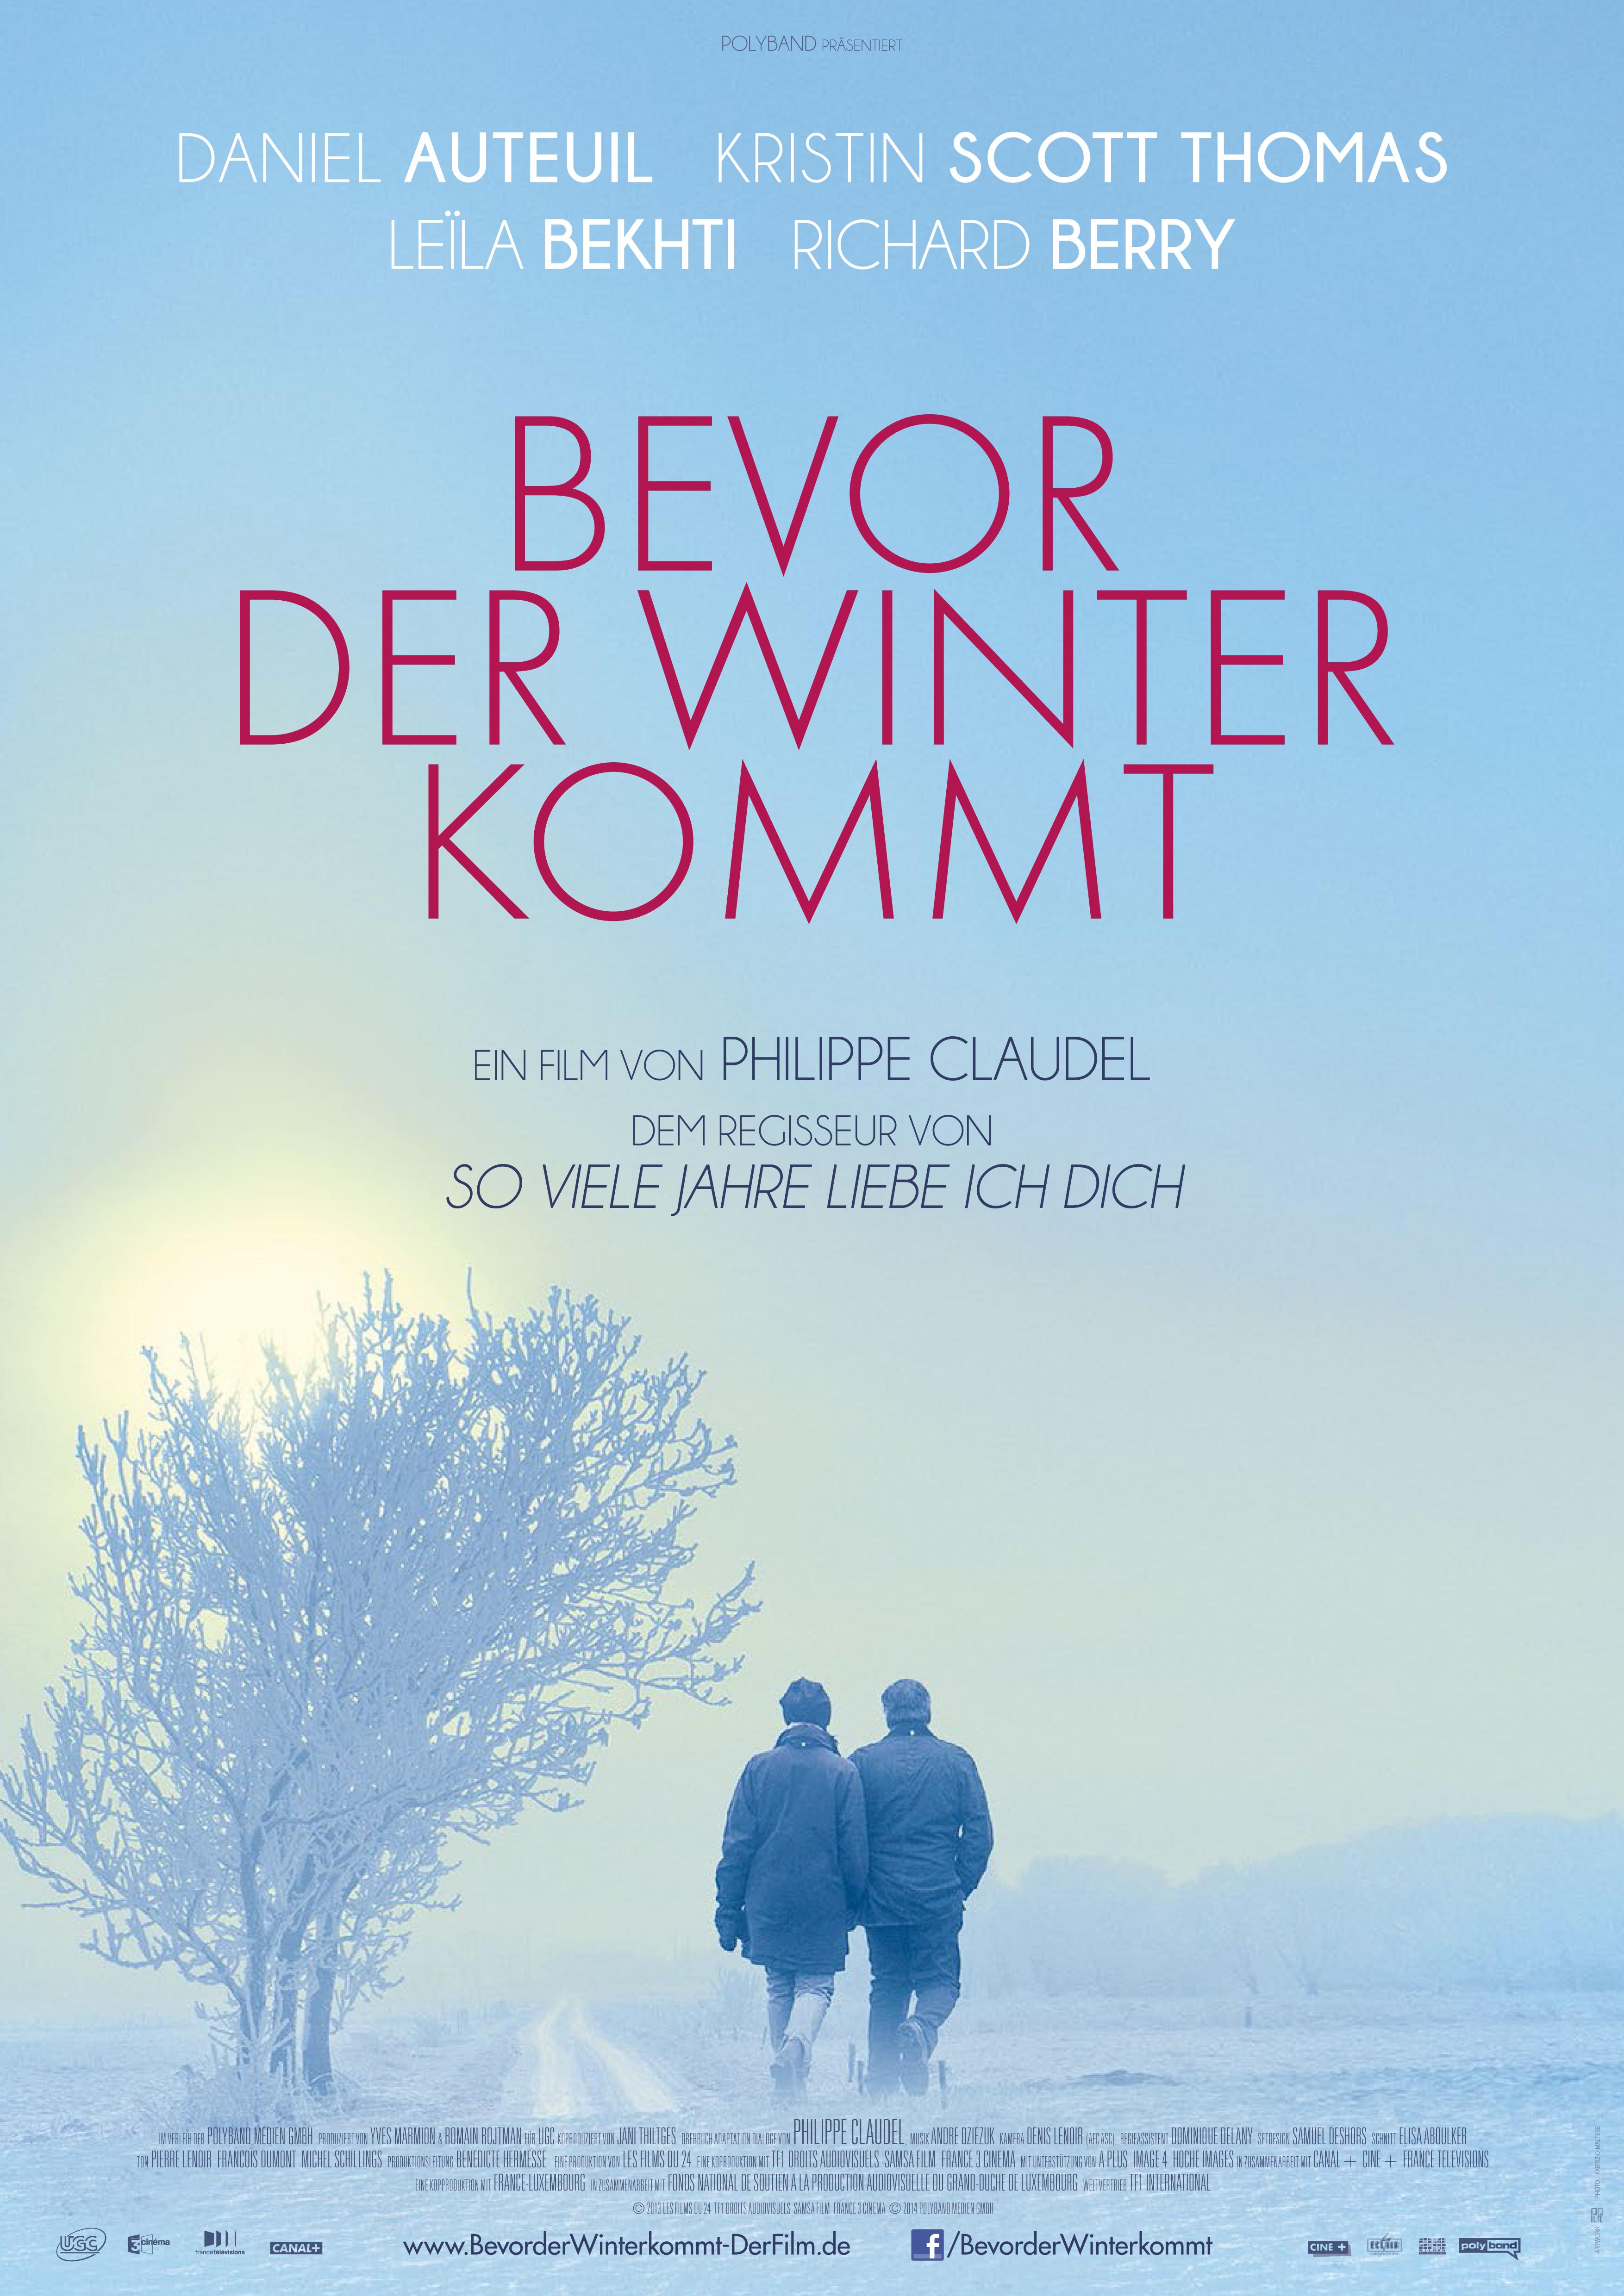 BEVOR DER WINTER KOMMT (AVANT L'HIVER)